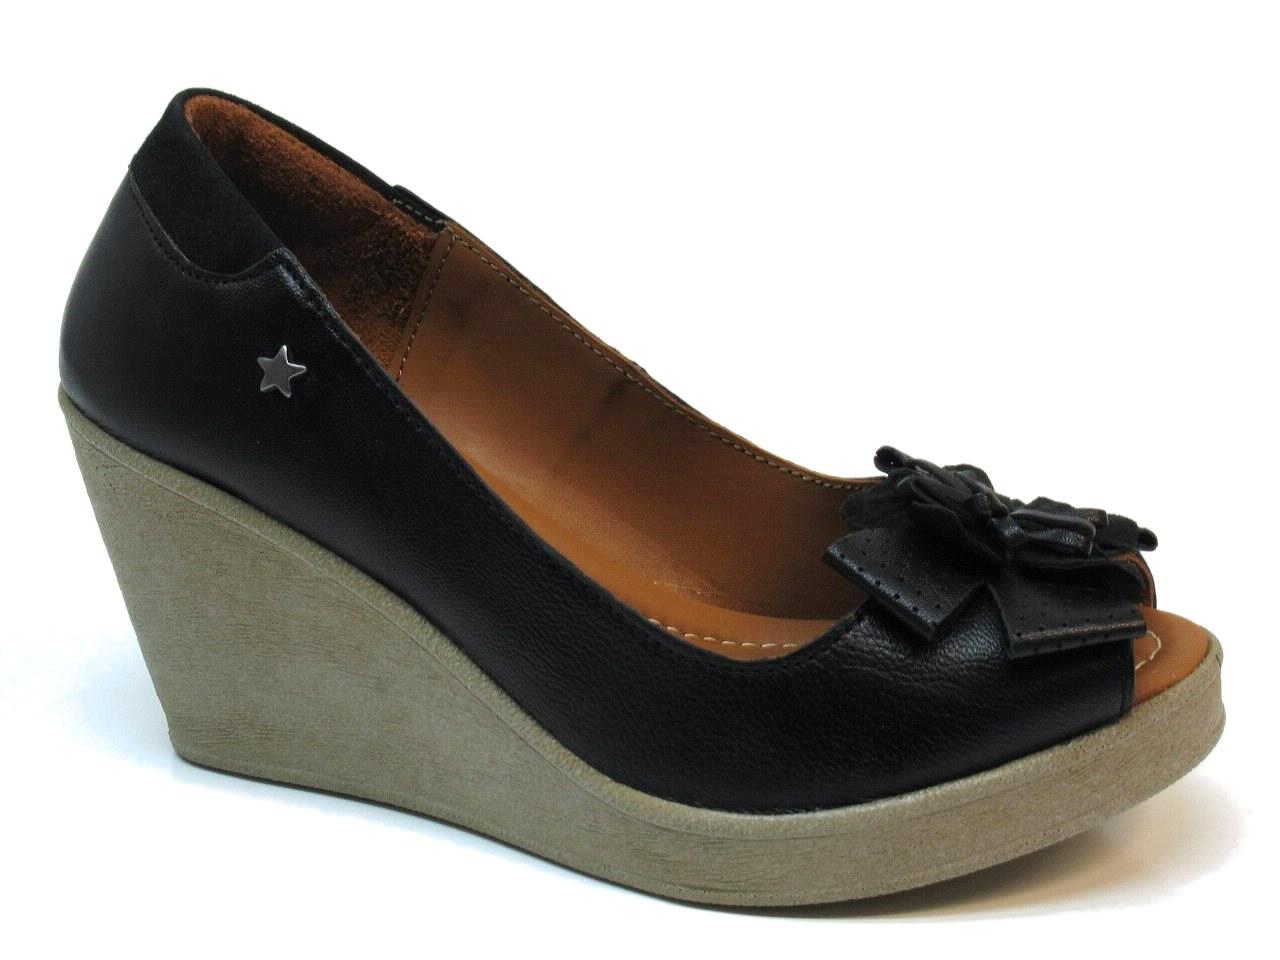 Chaussures à Talons Compensés Cubanas - 334 CULT400